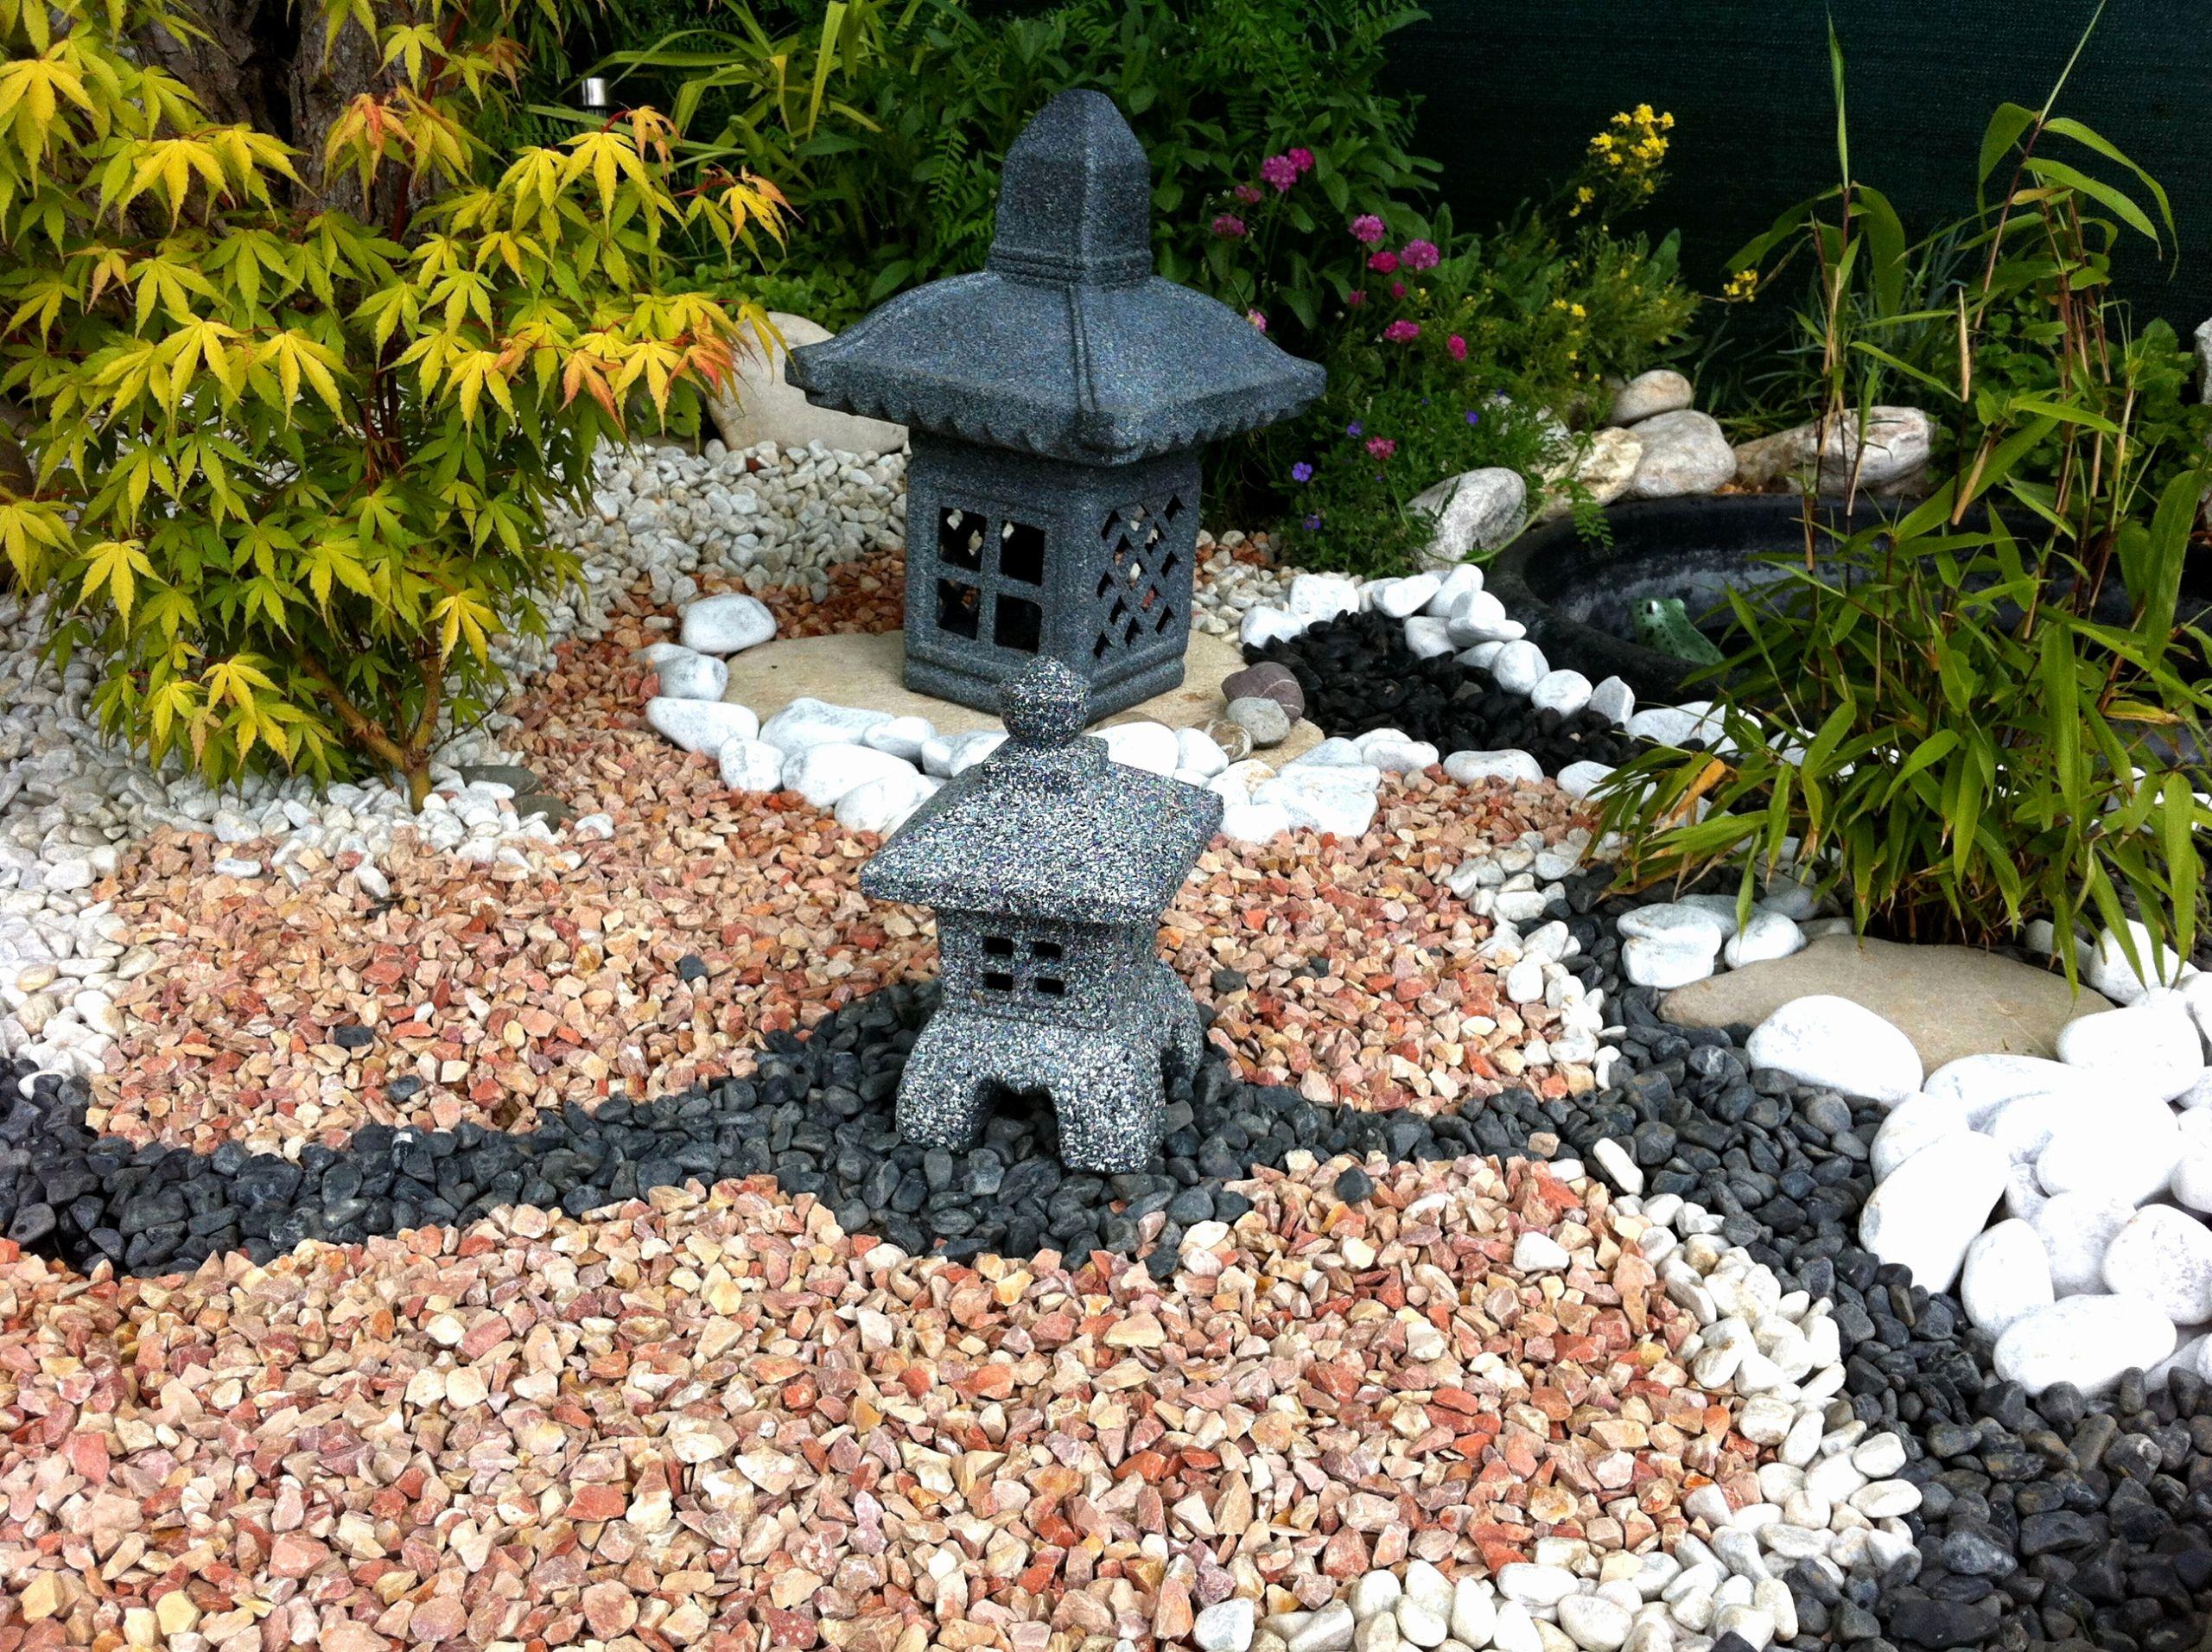 Faire Un Jardin Zen Pas Cher Schème - Idees Conception Jardin destiné Faire Un Jardin Zen